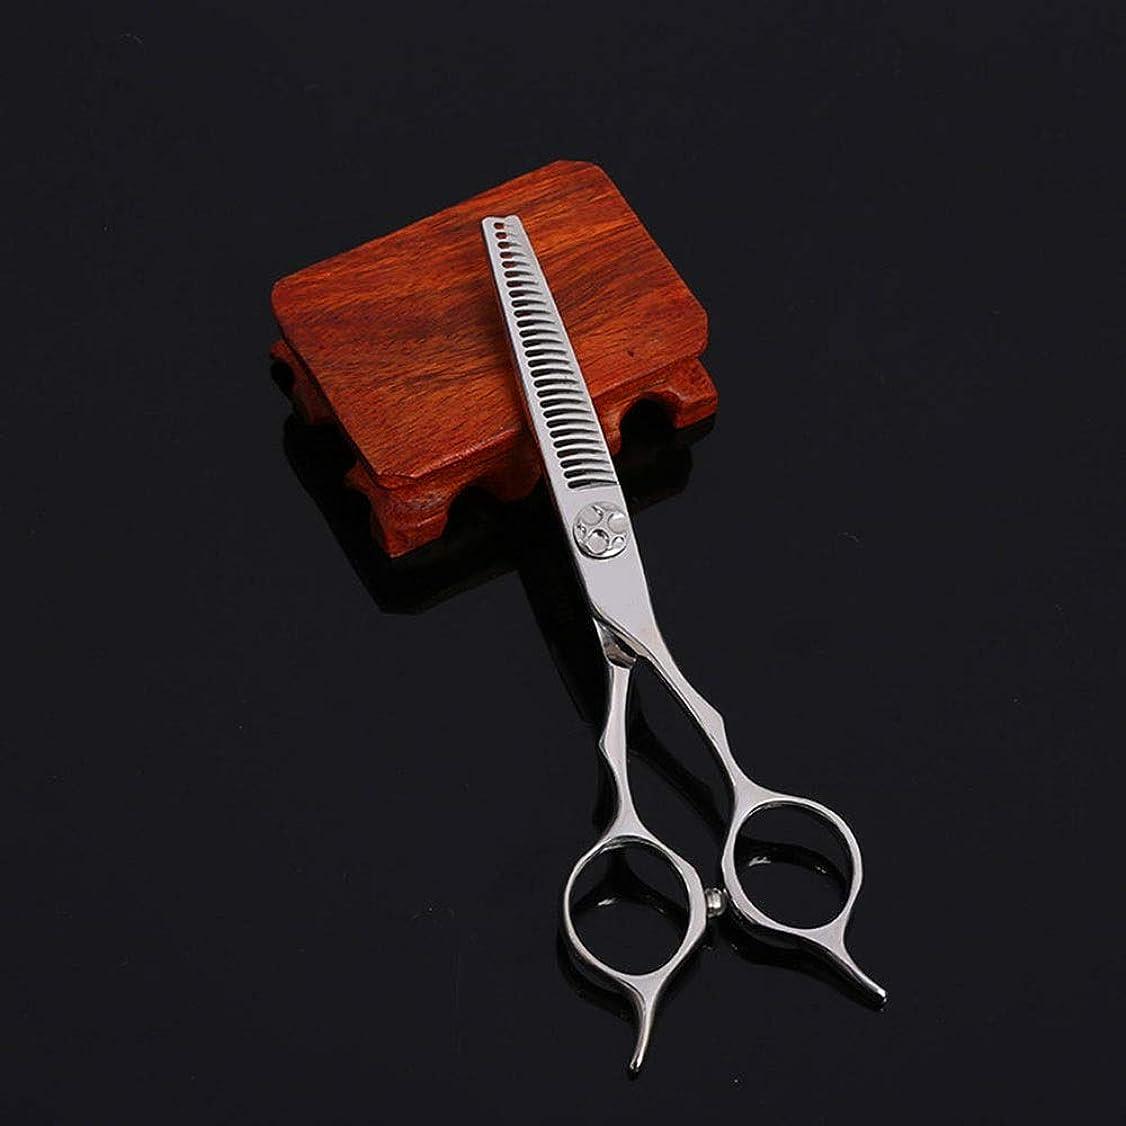 潜むゴムパッチWASAIO シアーズはさみセットヘアカット5.5インチカービング美容専門ステンレス鋼理容美容サロンテクスチャーレイザーエッジシザー髪 (色 : Silver)